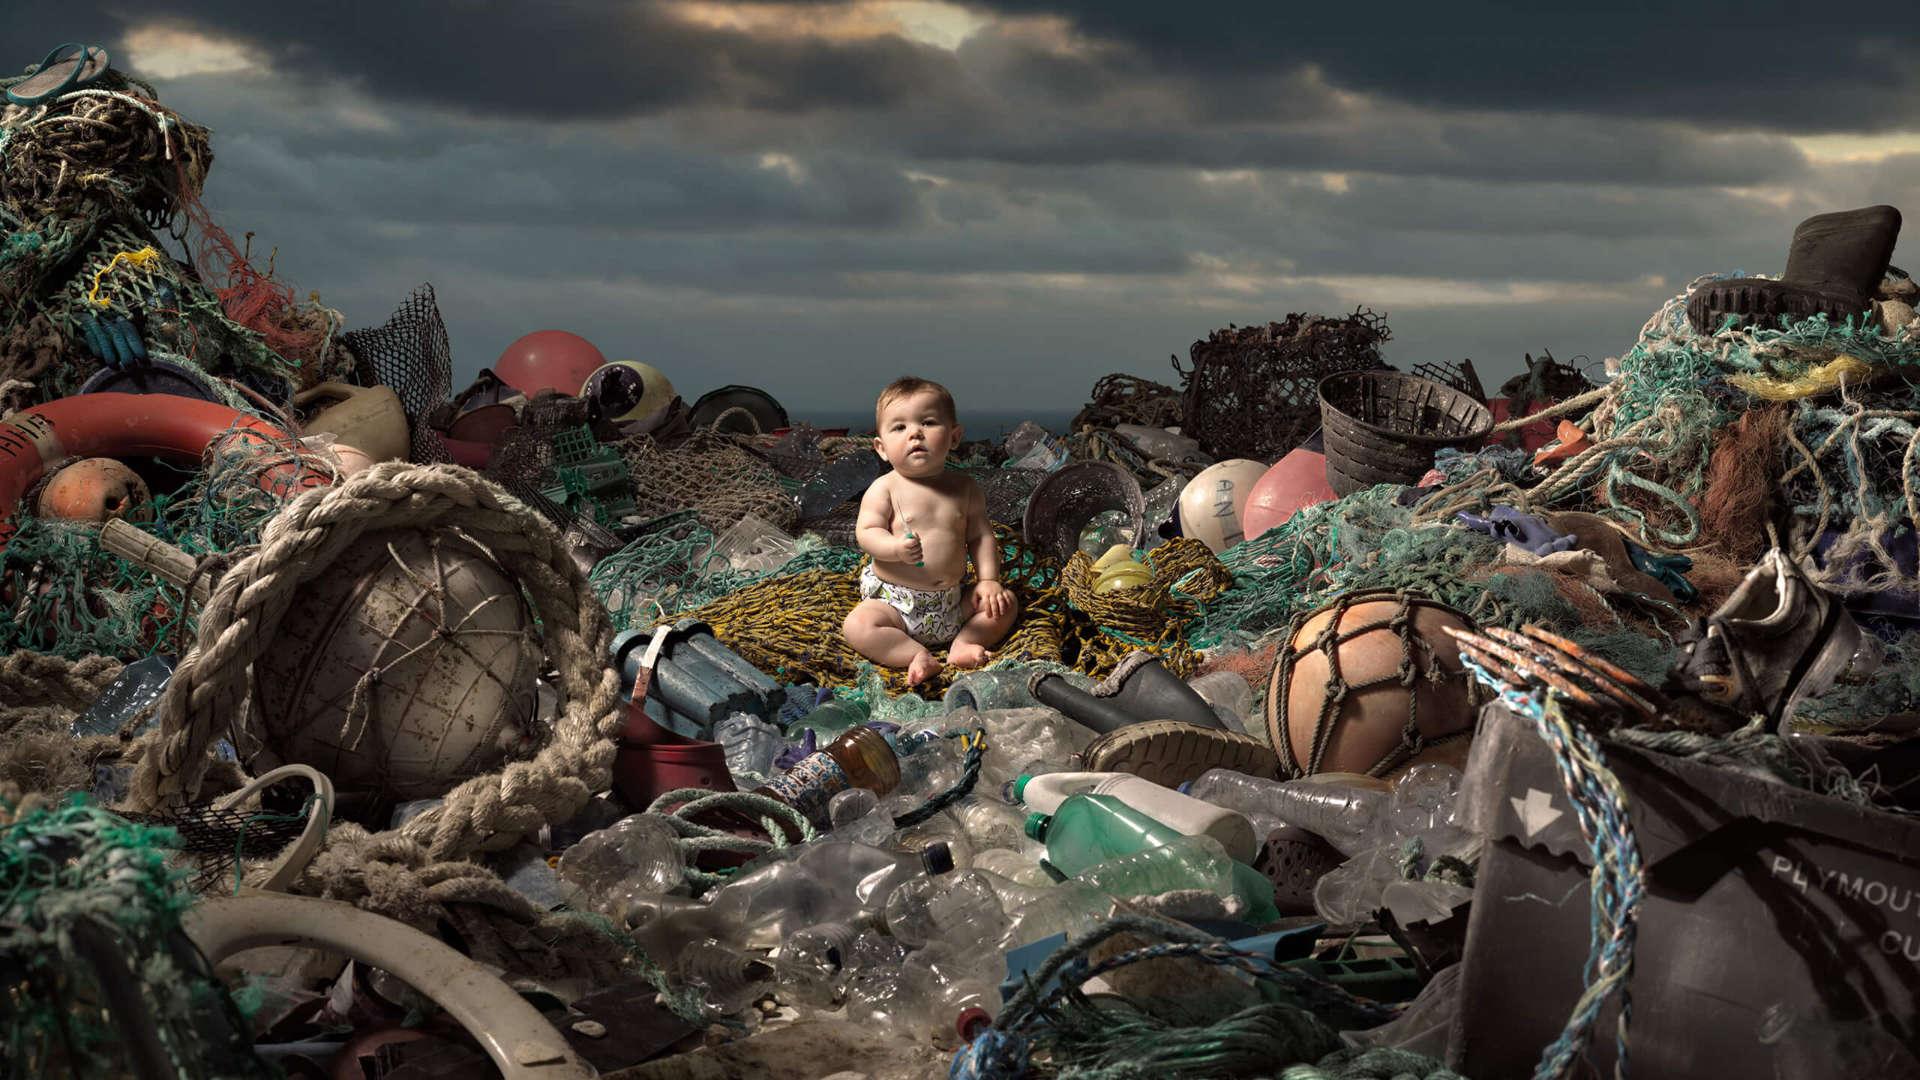 De vallei van het vuil © Karl Taylor